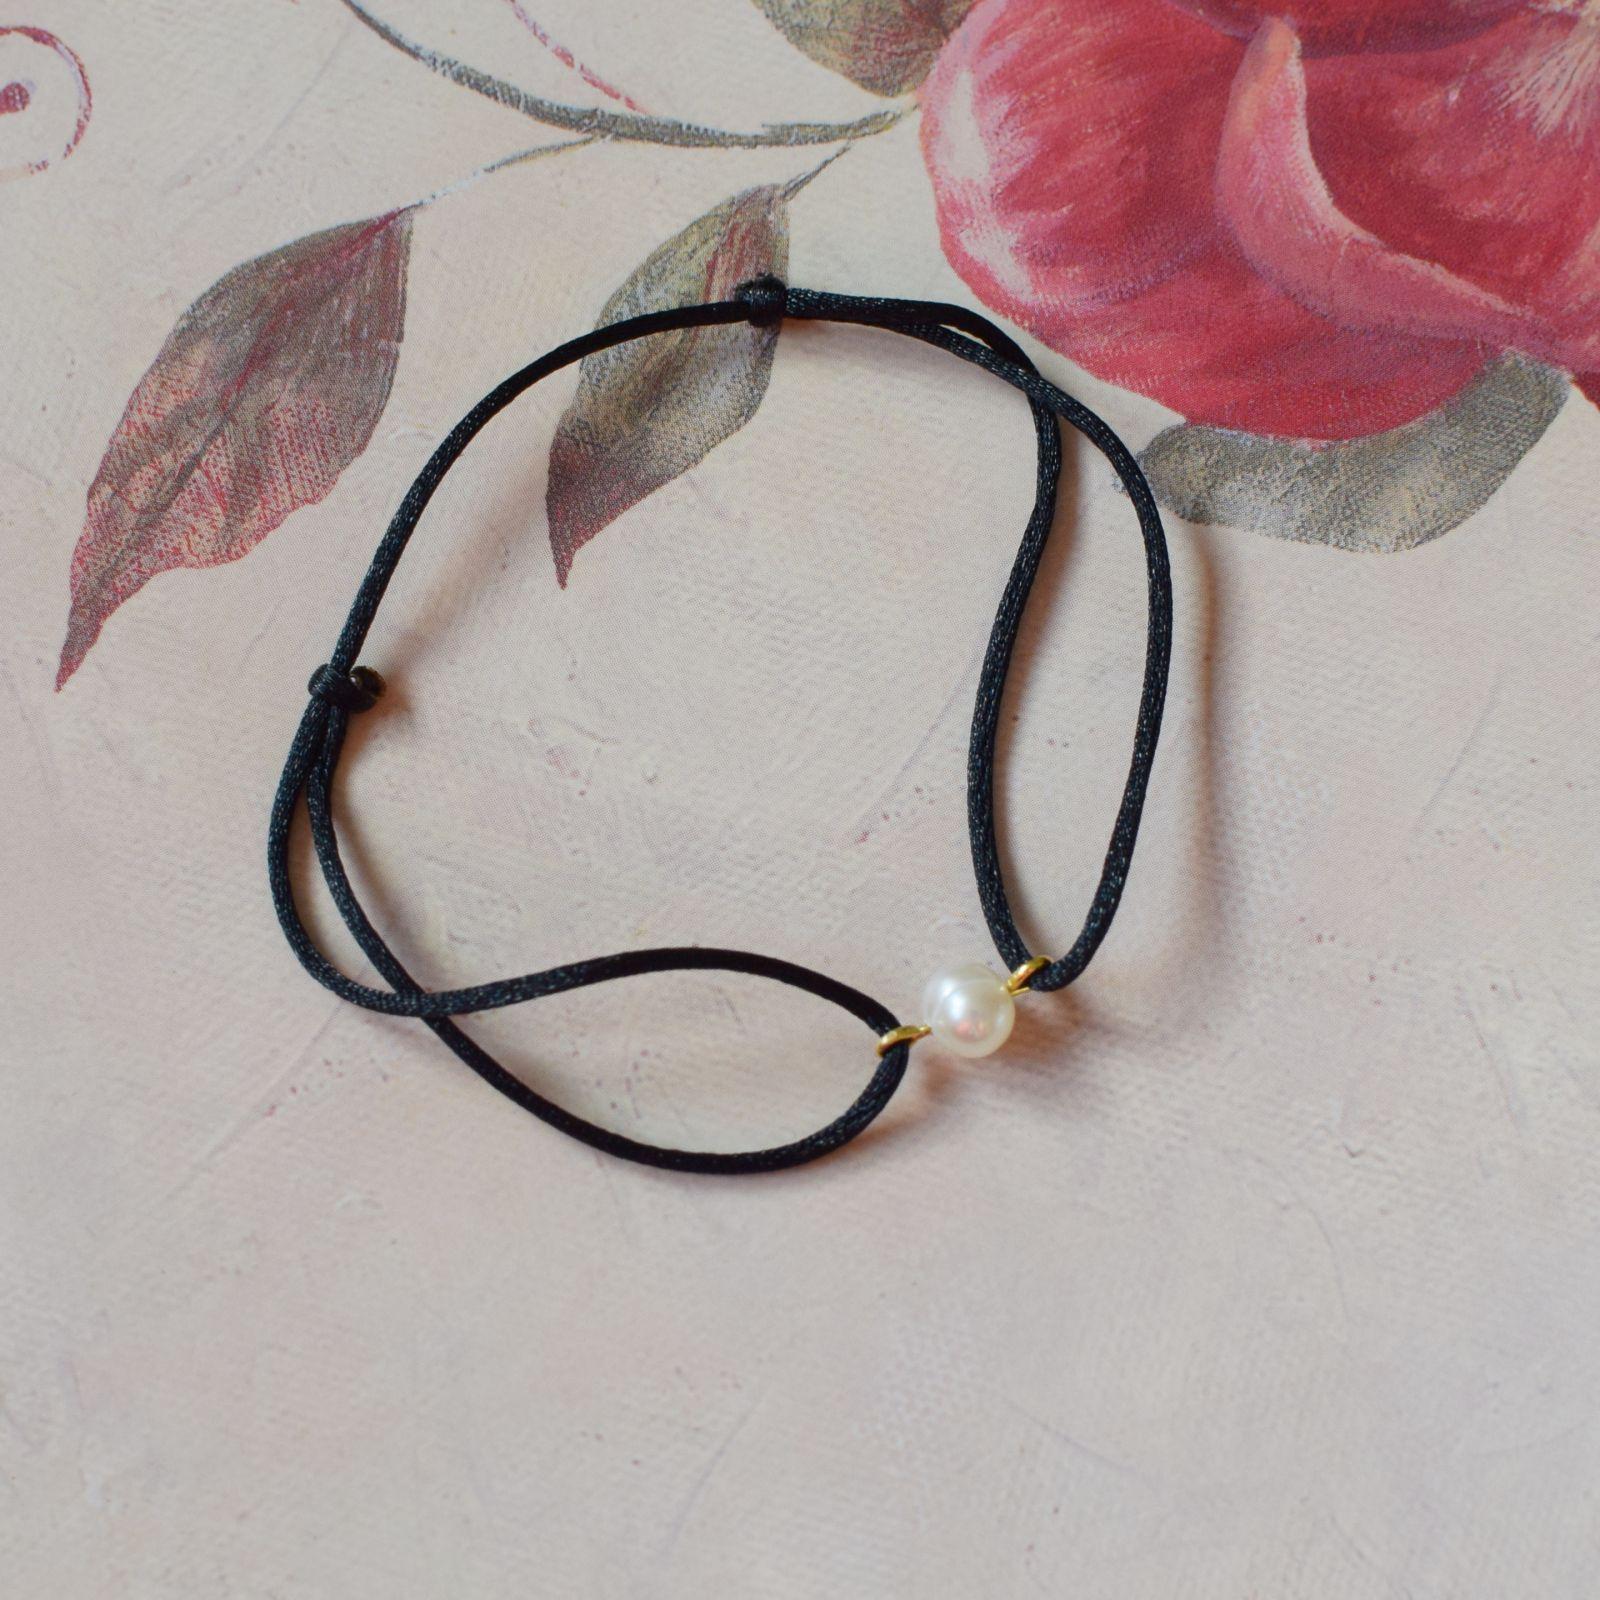 Dámský náramek s říční perlou černý